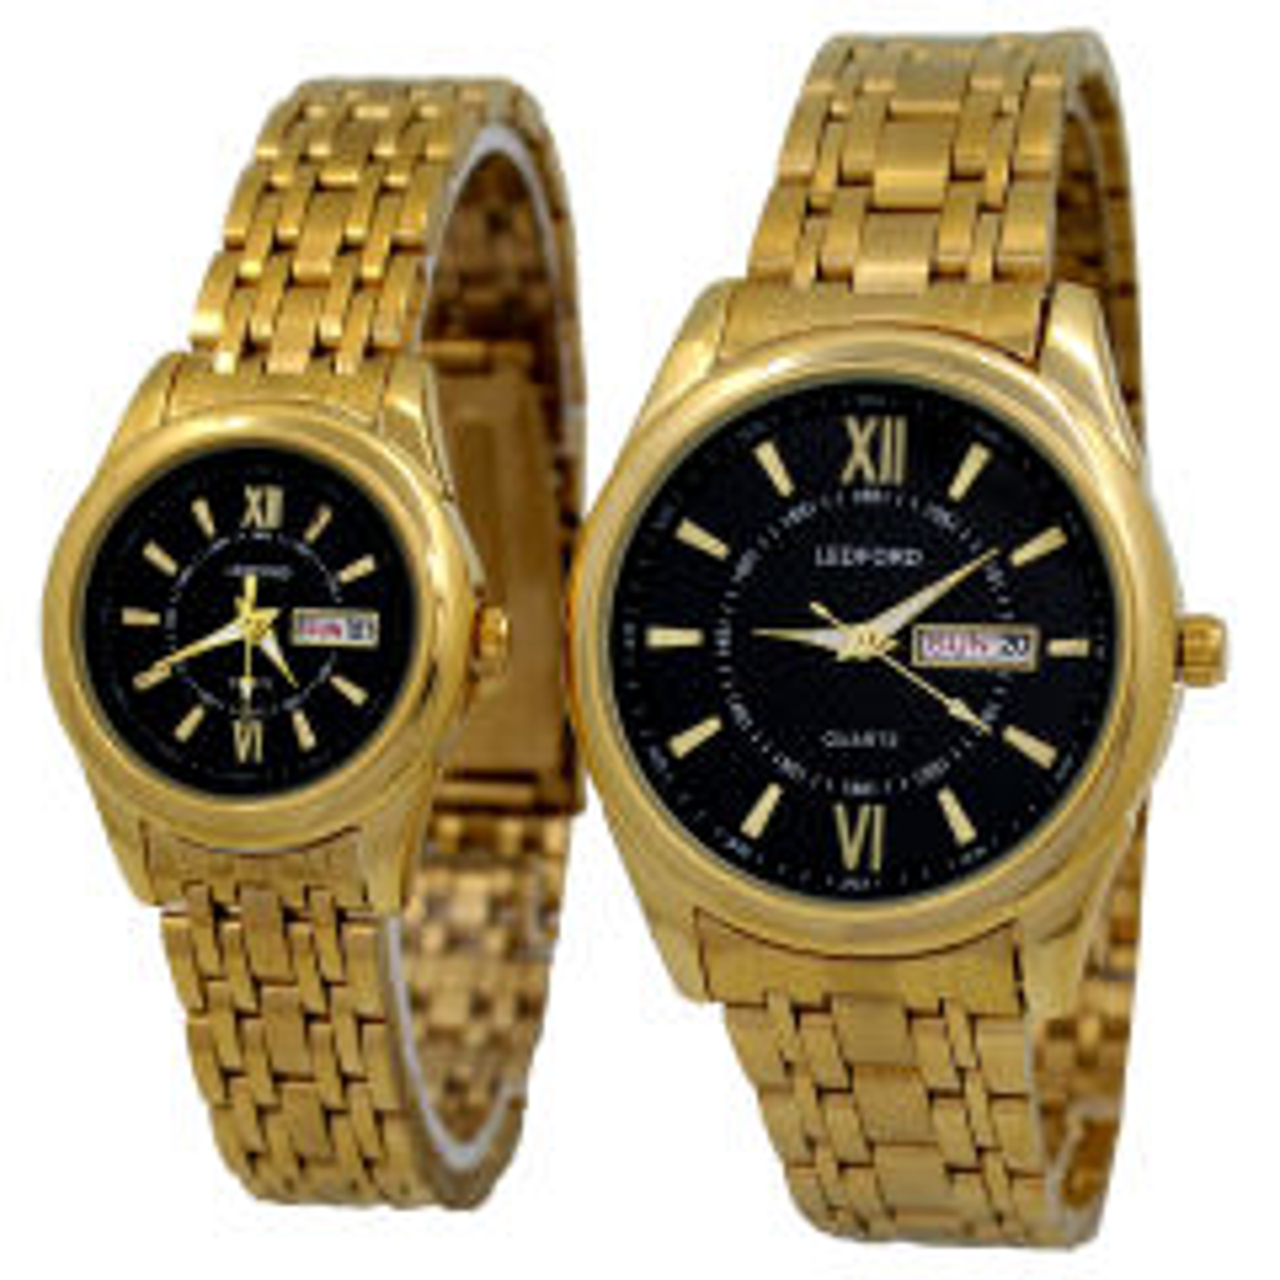 ست ساعت مردانه و زنانه لدفورد کد DGSU-0038